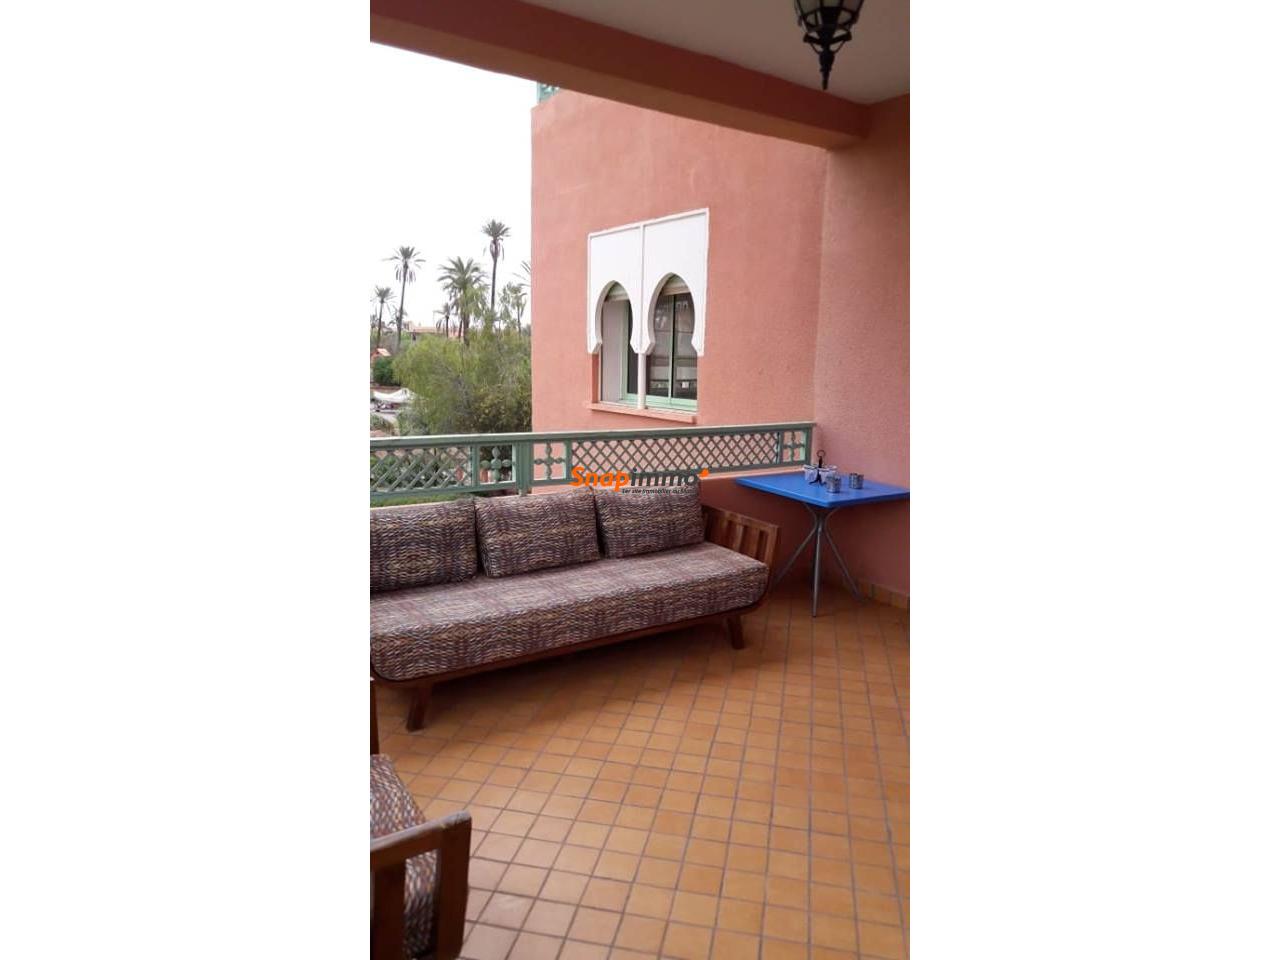 Appartement meublé avec piscine :Palmeraie:Marrakech - 4/6